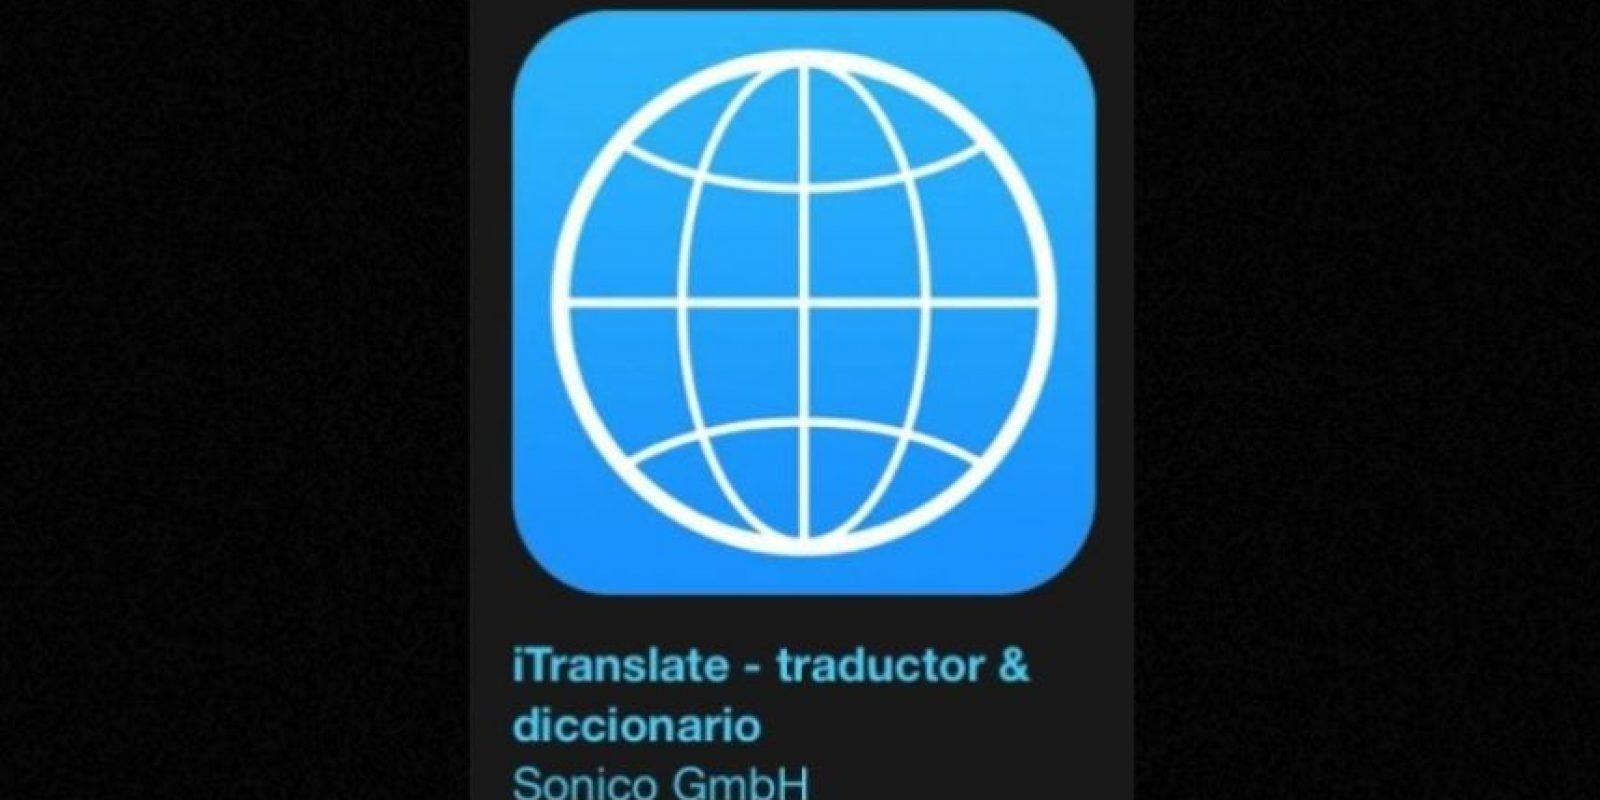 """18- """"iTranslate – traductor & diccionario"""". Es gratuita y se trata de una herramienta de traducción que les ayuda a derribar las barreras idiomáticas. Foto:Apple"""